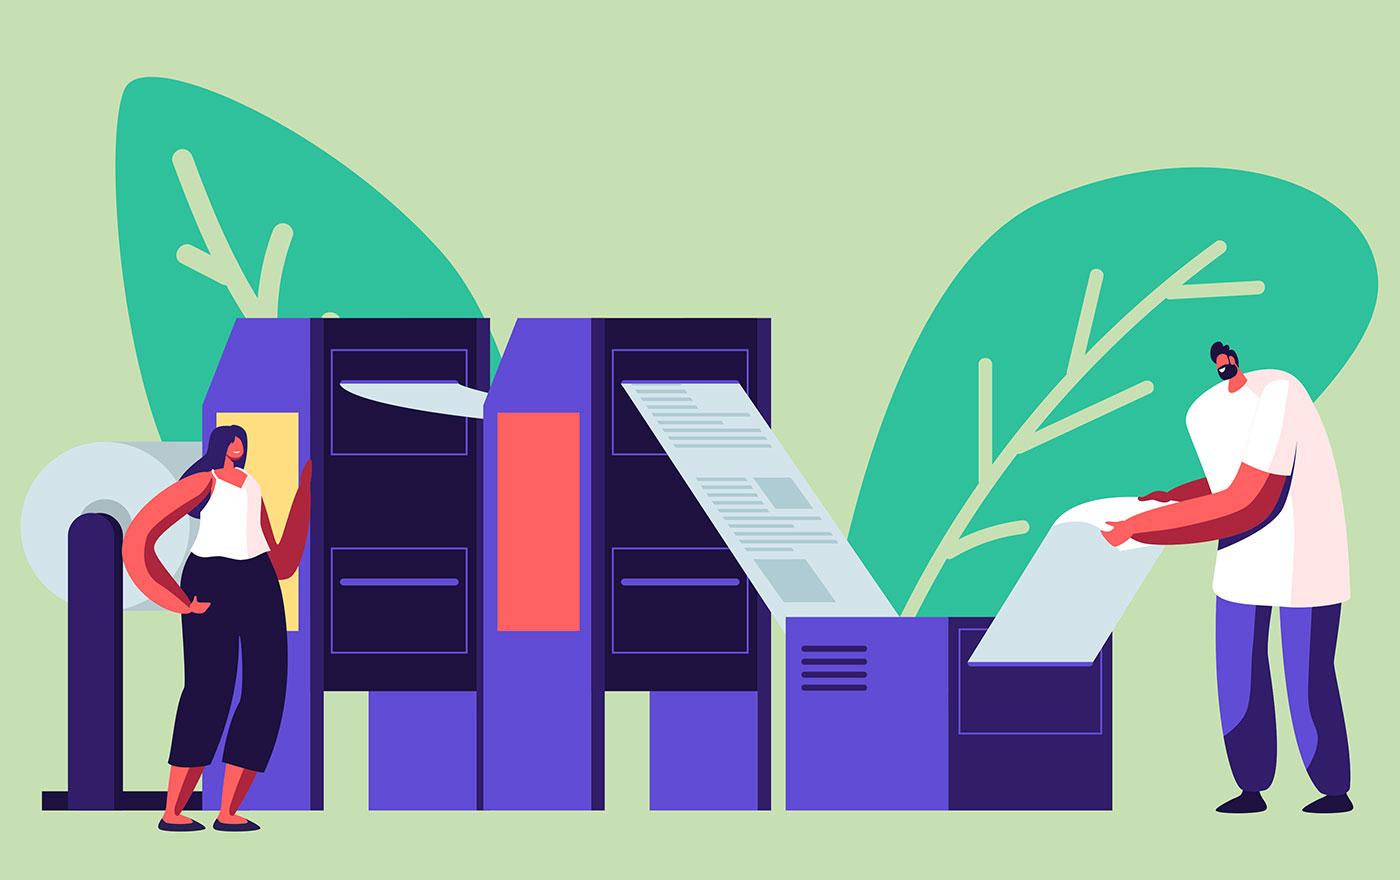 Hållbarhet illustration tidskrifter